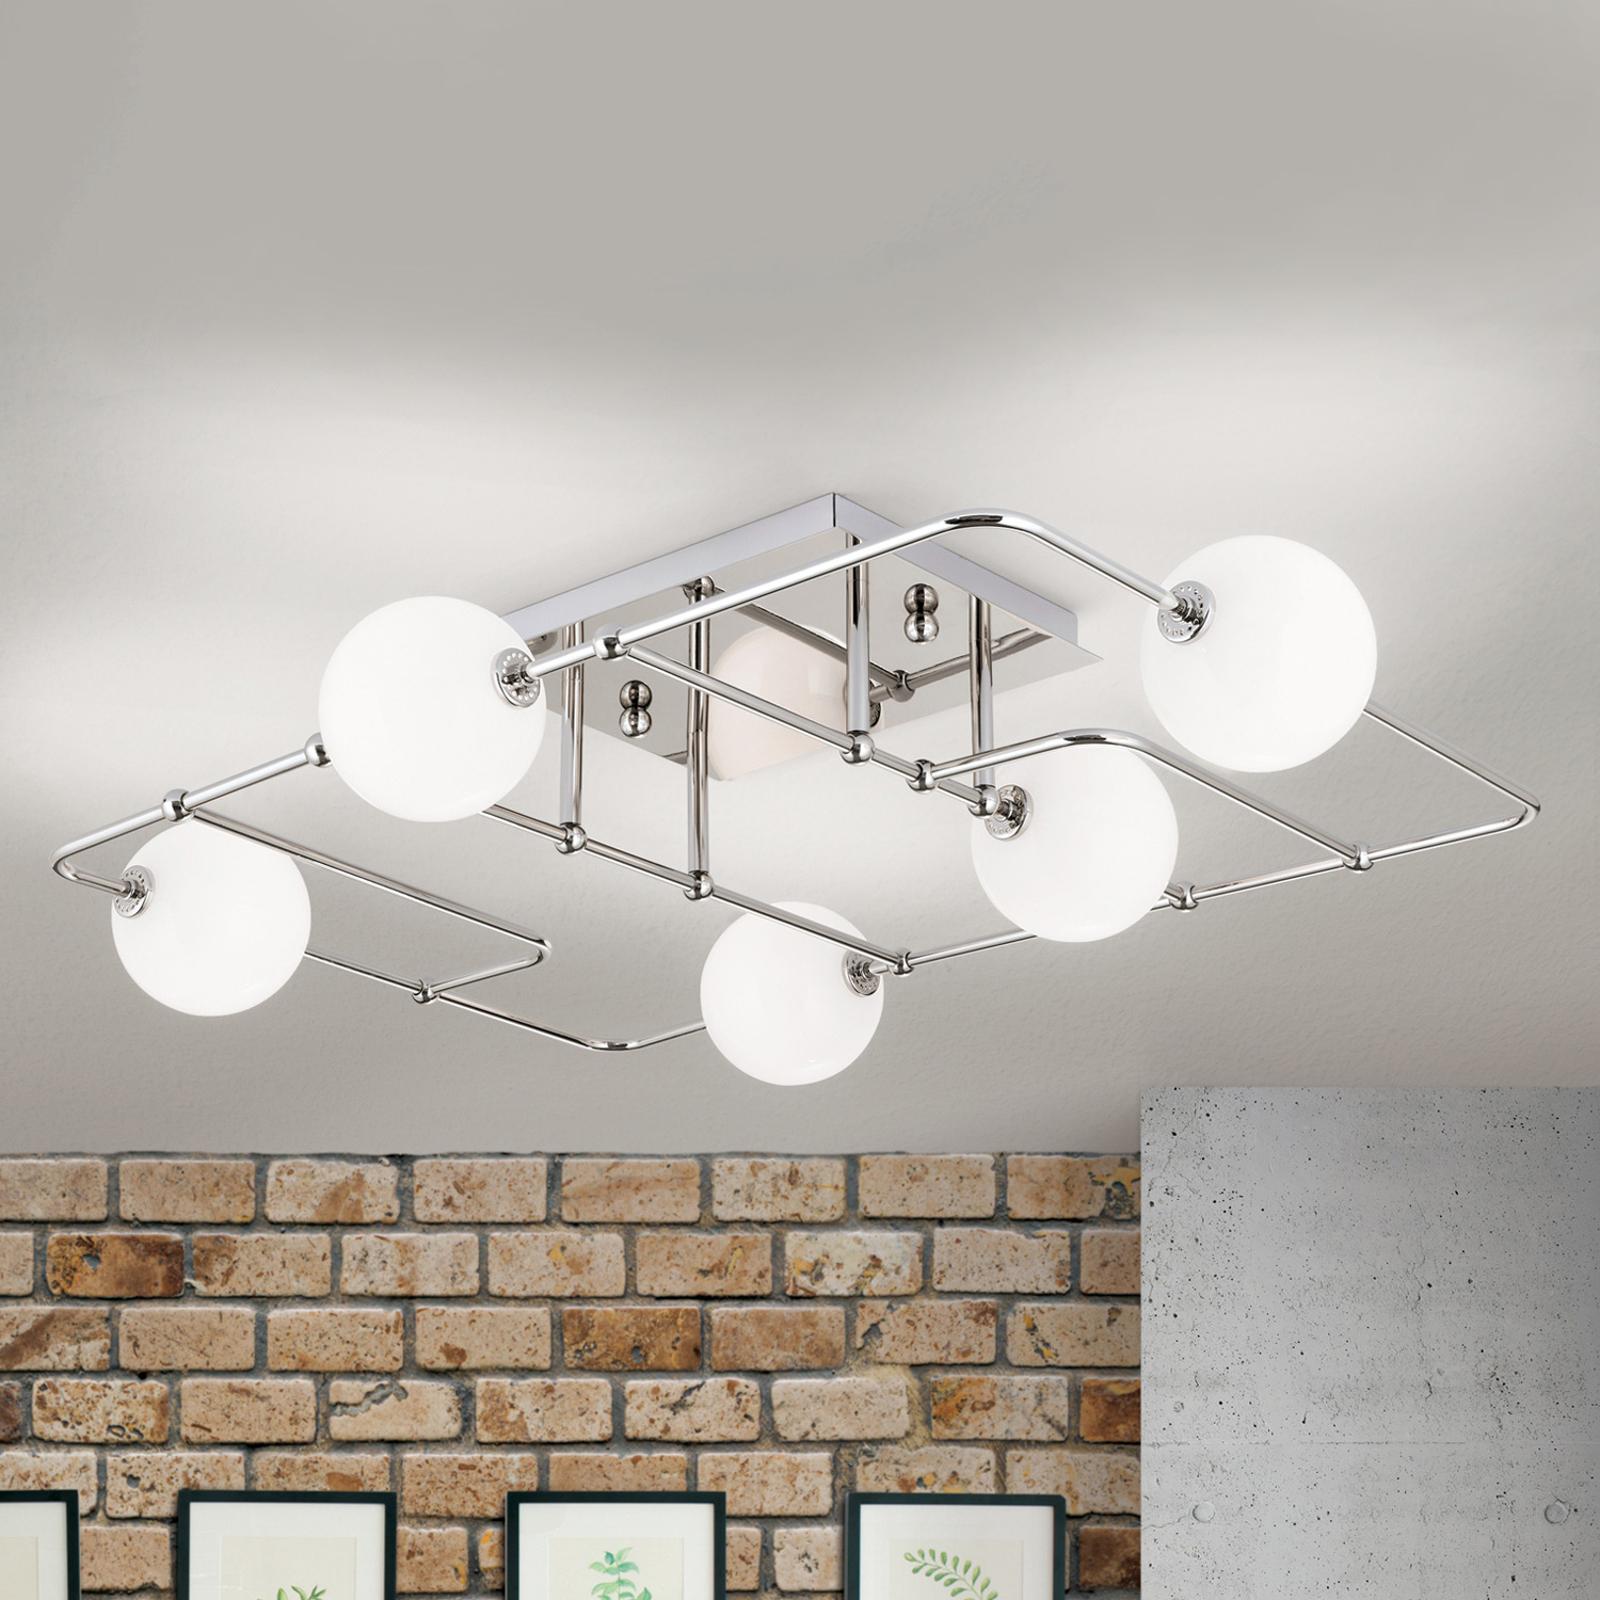 Lampa sufitowa LED Pipes 5 szklanych kul, nikiel